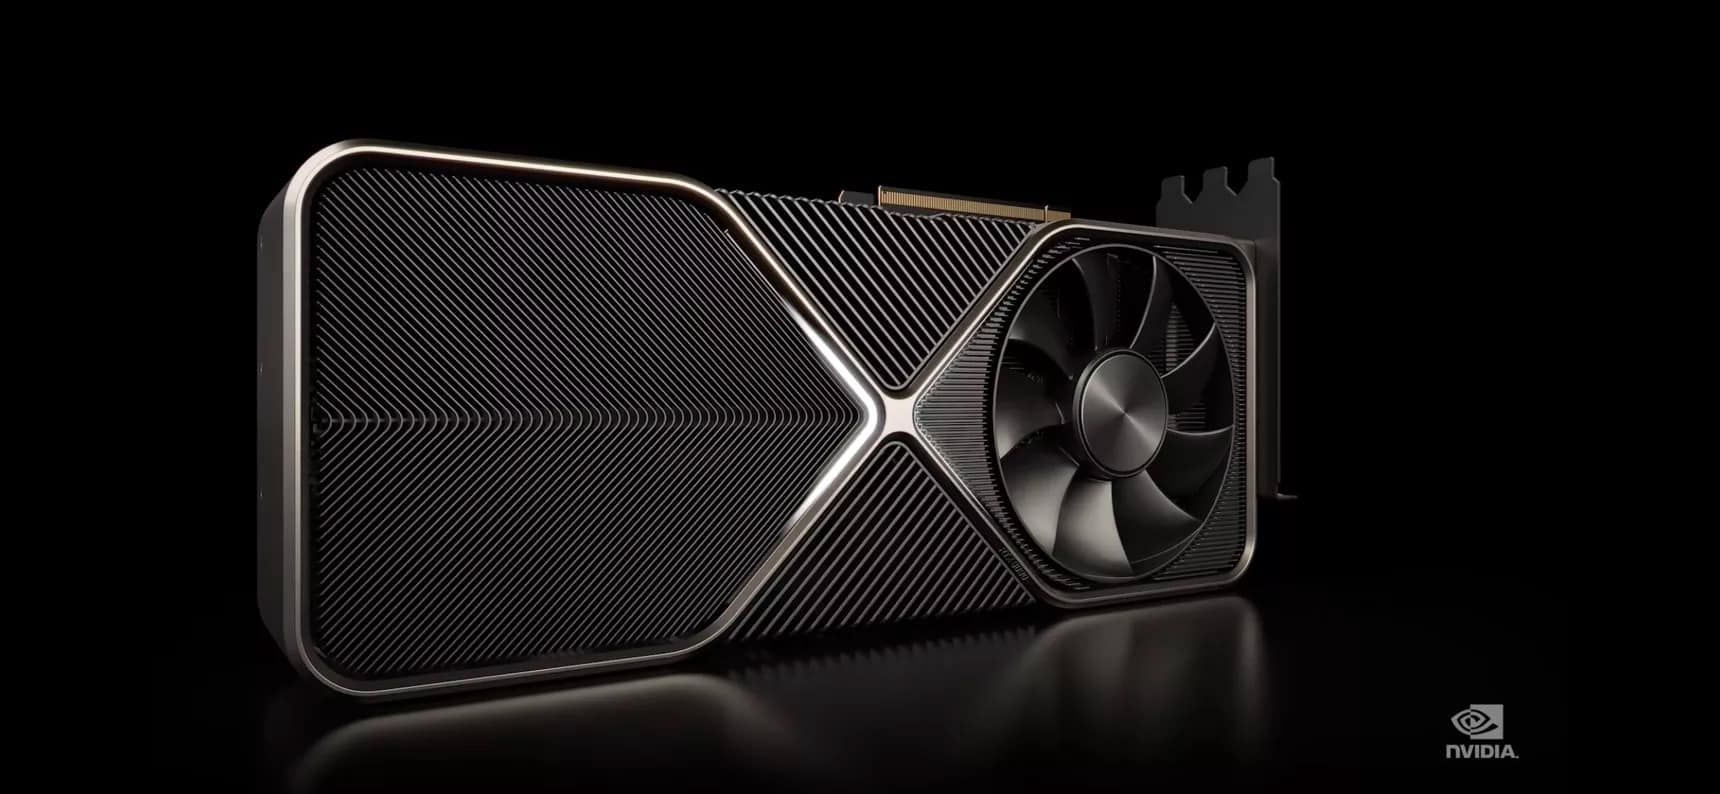 Nvidia RTX 3090 hem özellikleri hem de fiyatıyla tam bir canavar